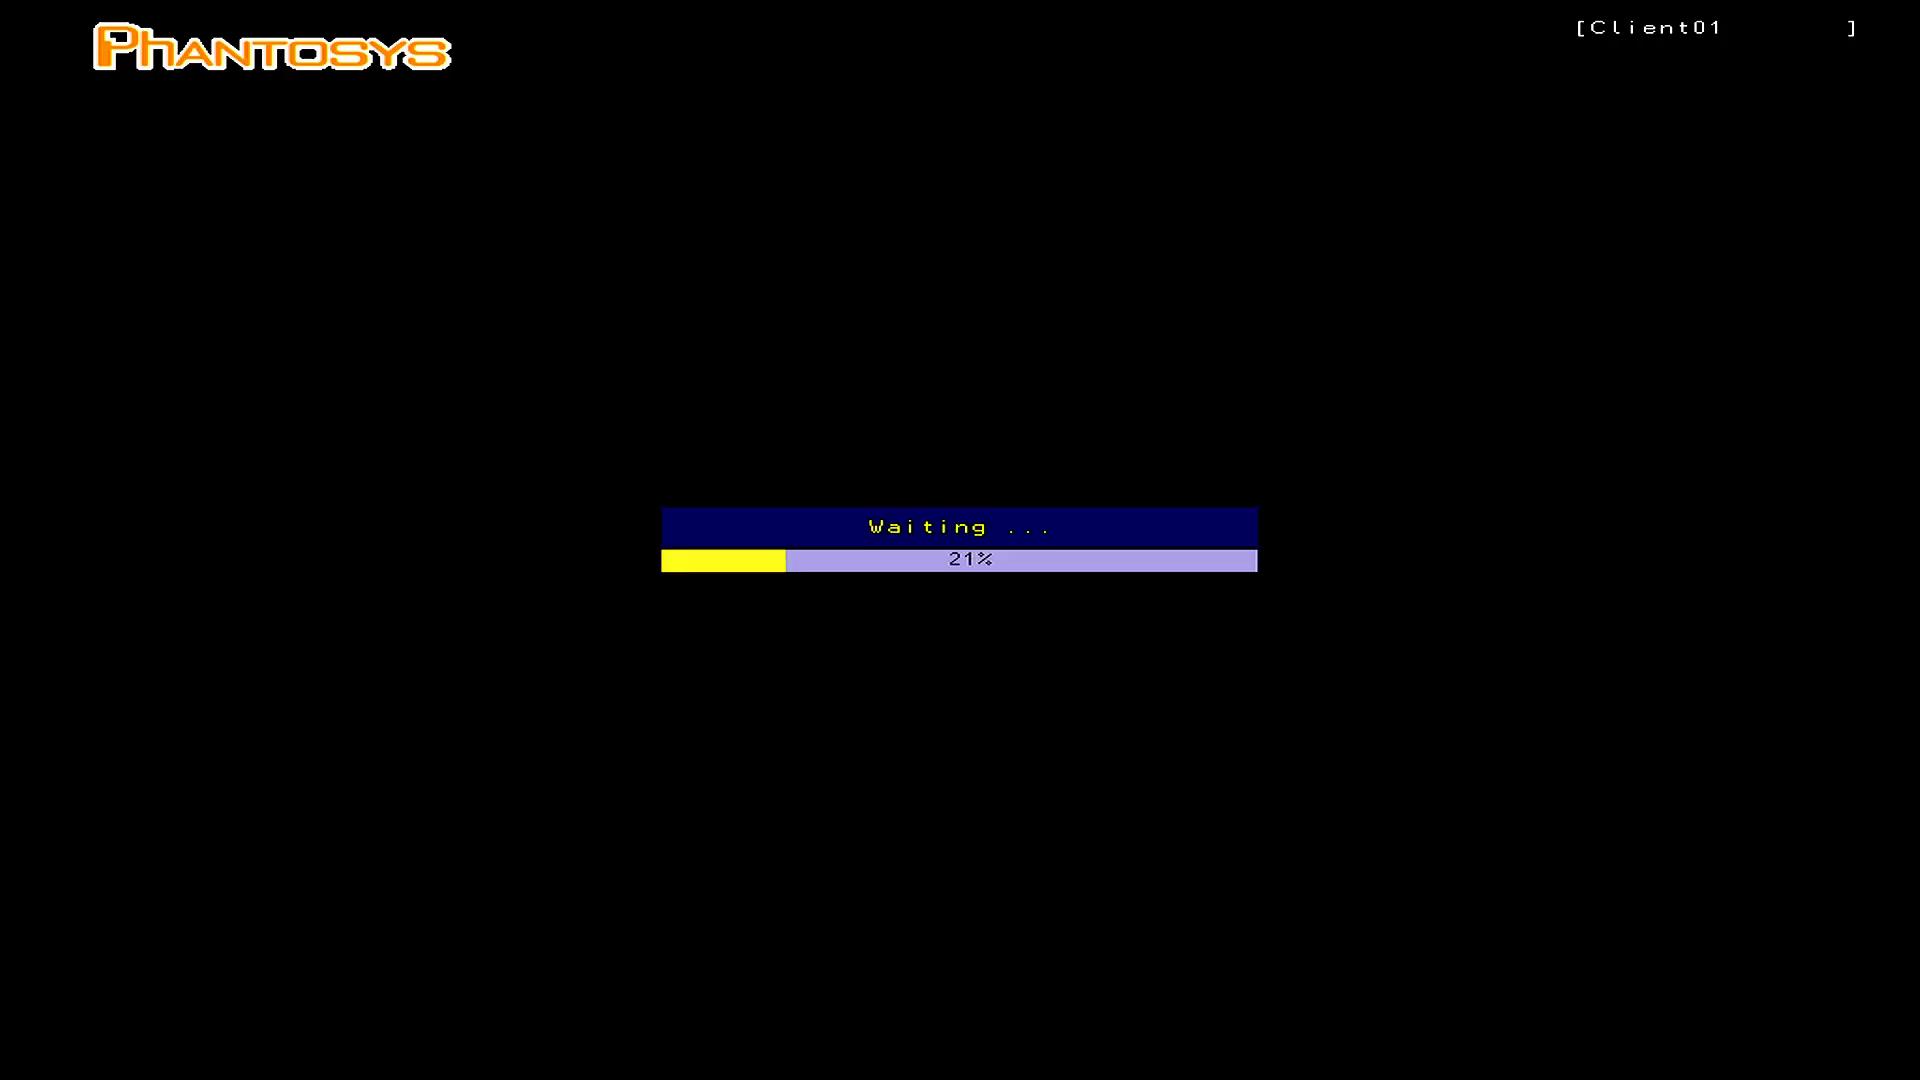 Formatando disco para cache Phantosys